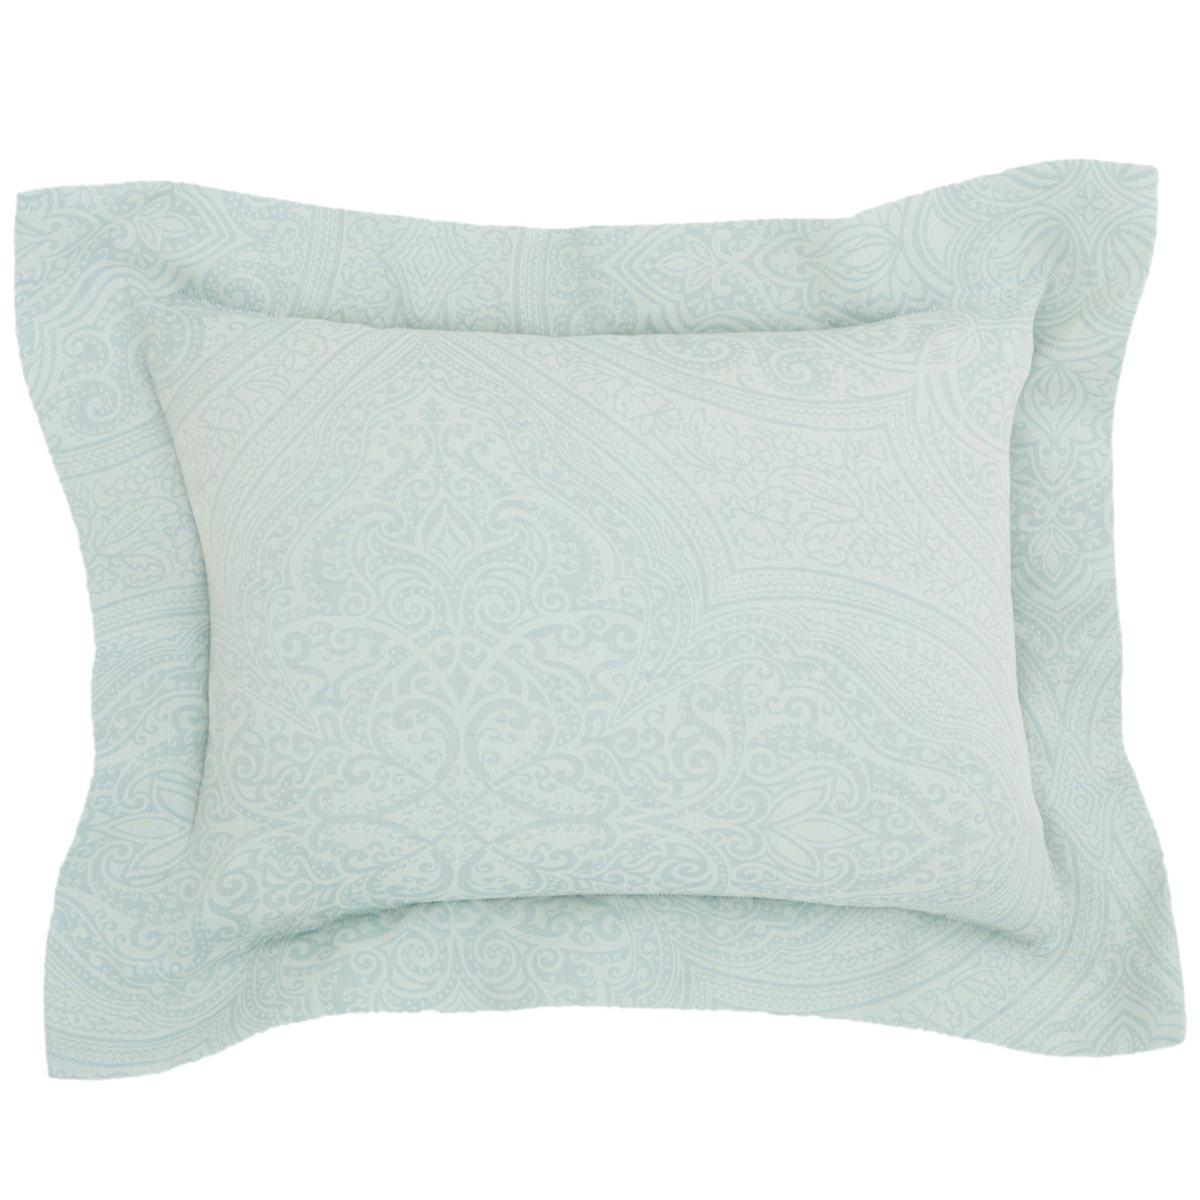 Firenze Pearl Blue Decorative Pillow